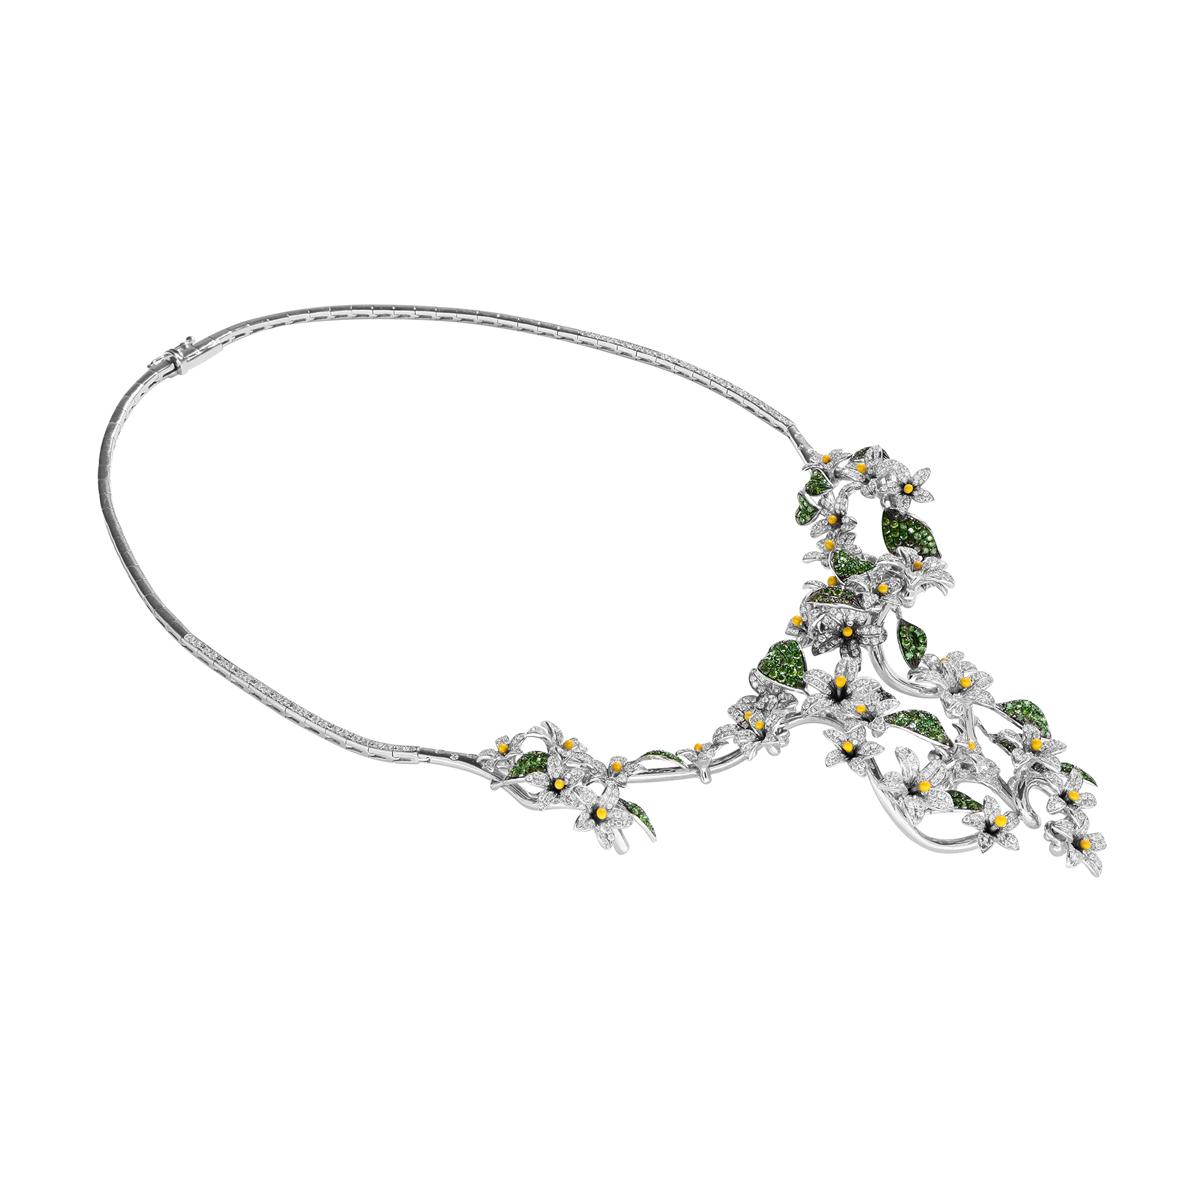 Arabian Star Flower Necklace